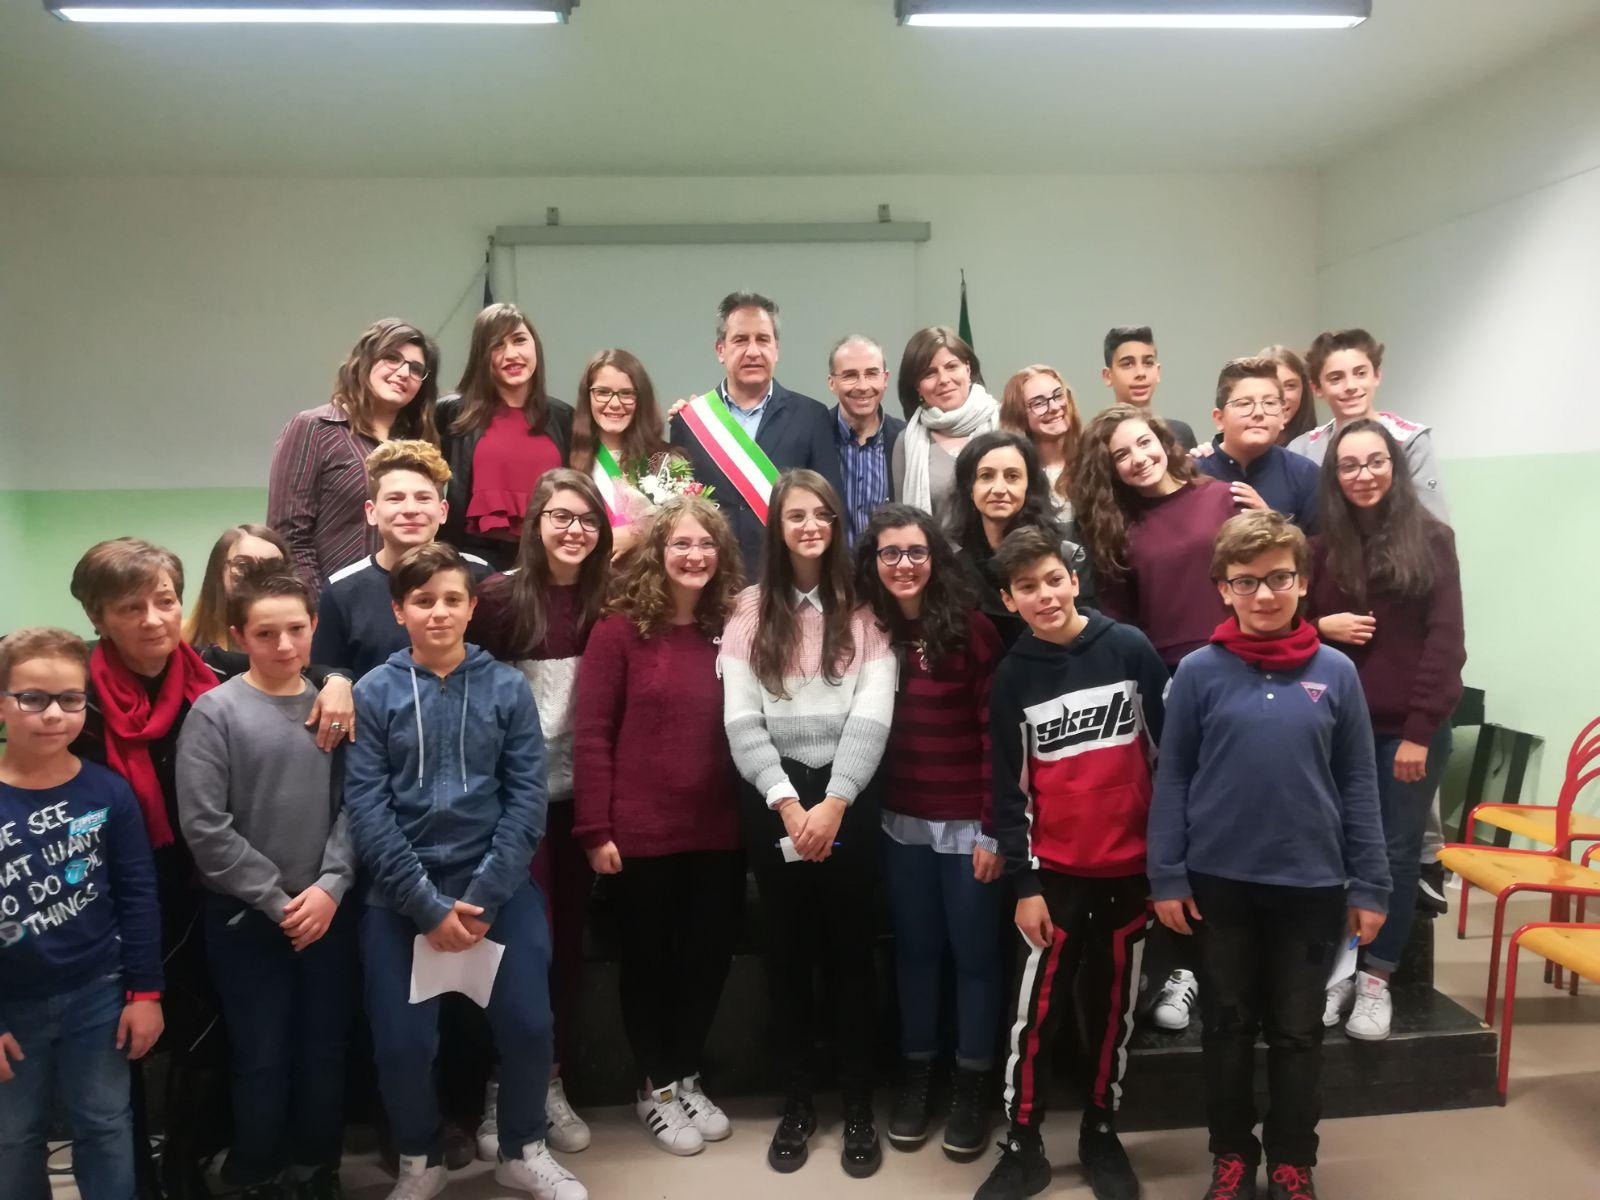 Eletto il sindaco dei ragazzi a Petralia Soprana